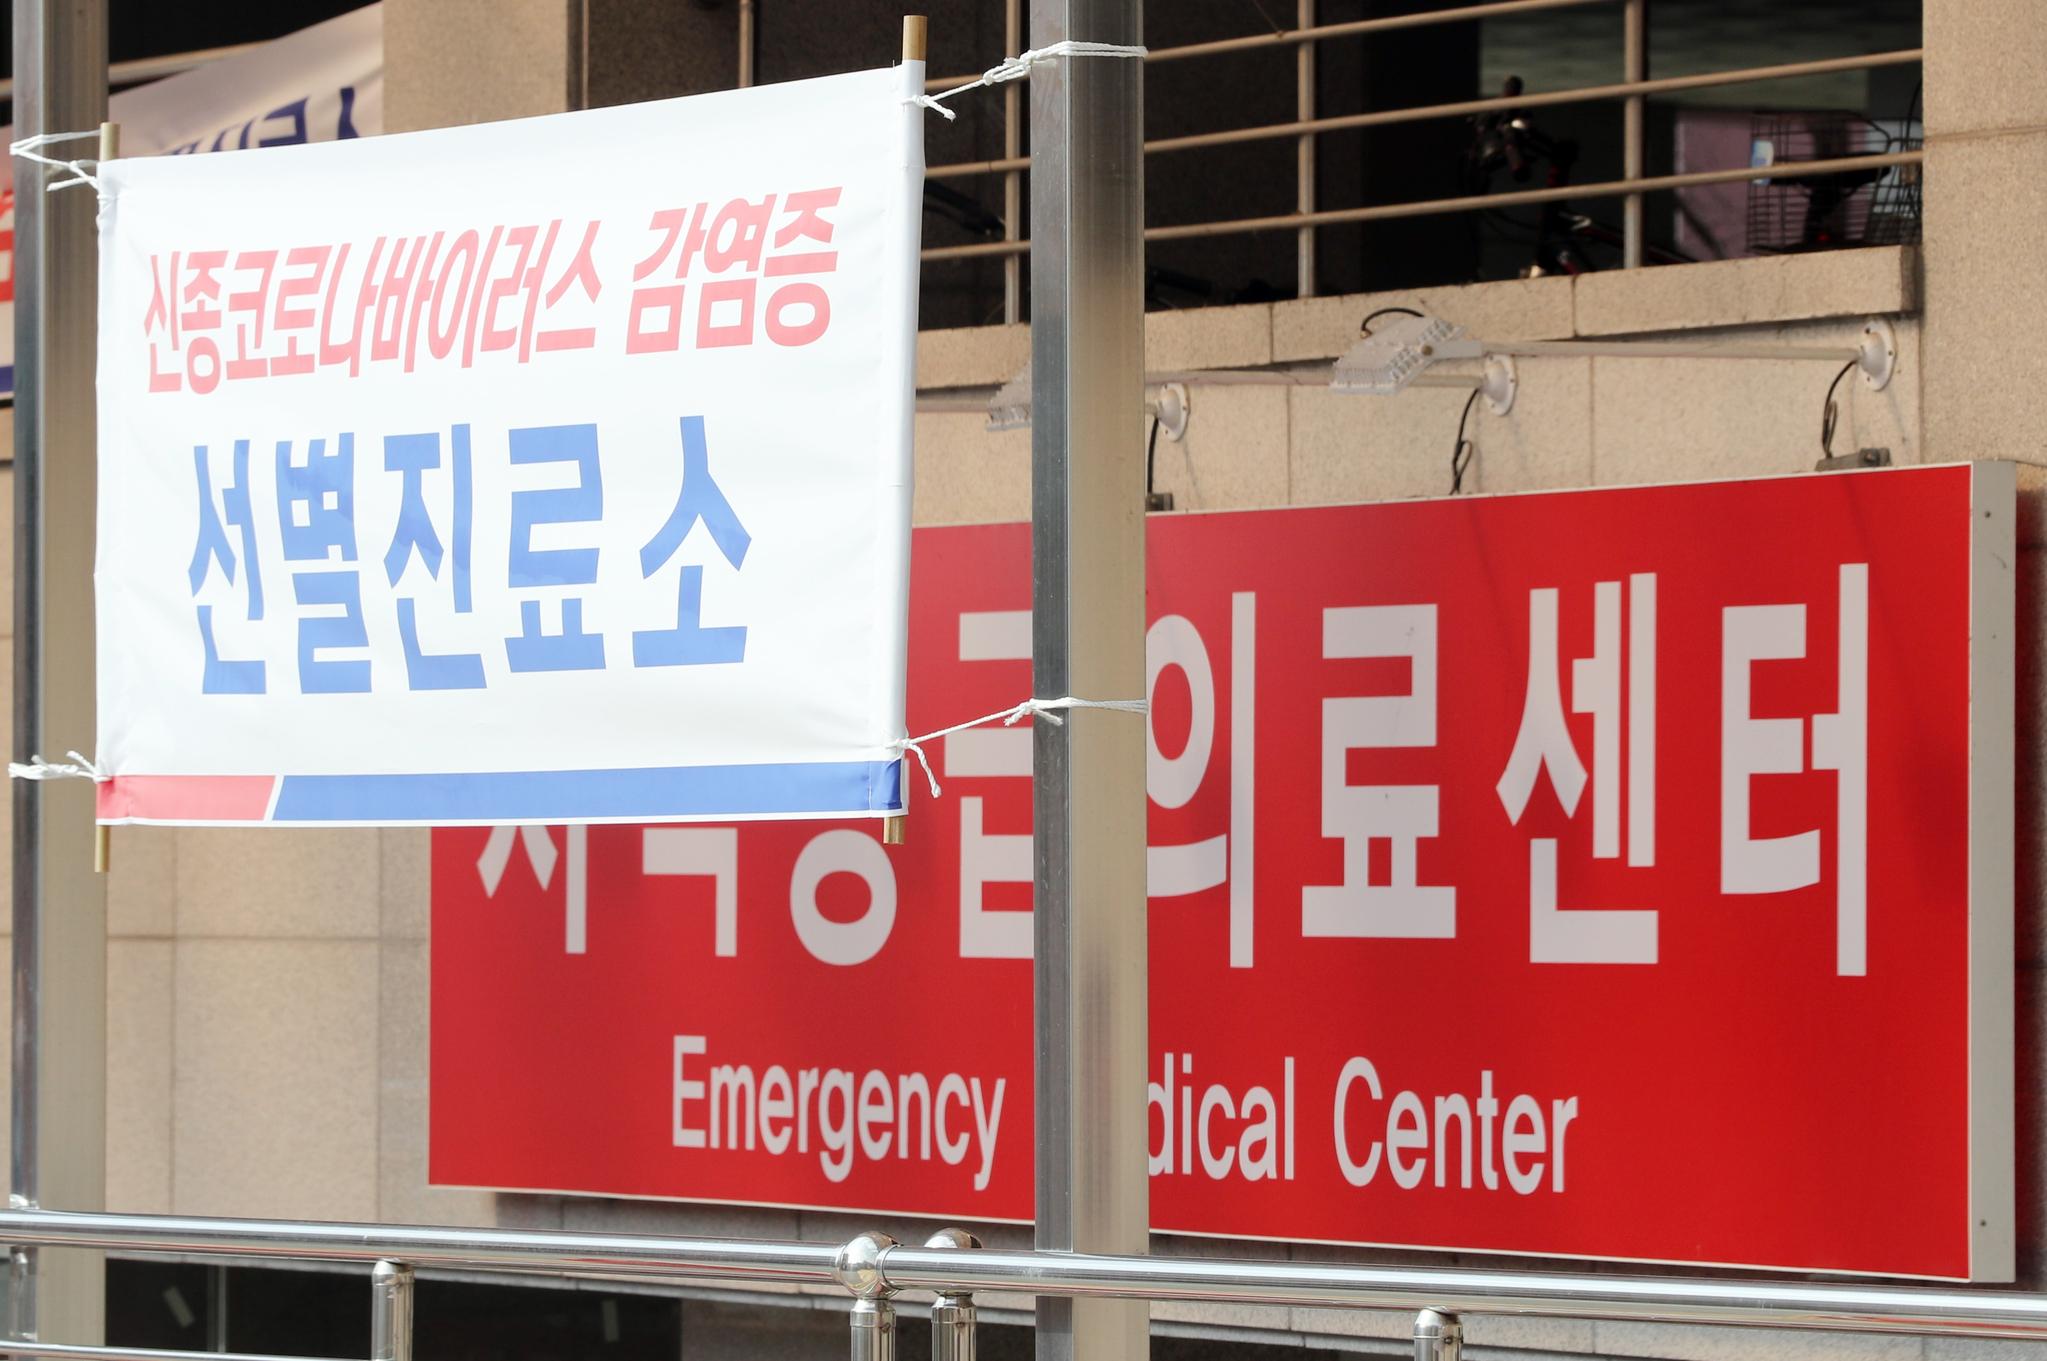 29일 오후 청주시 상당구 효성병원 응급실 출입구에 긴장감이 감돌고 있다. 연합뉴스